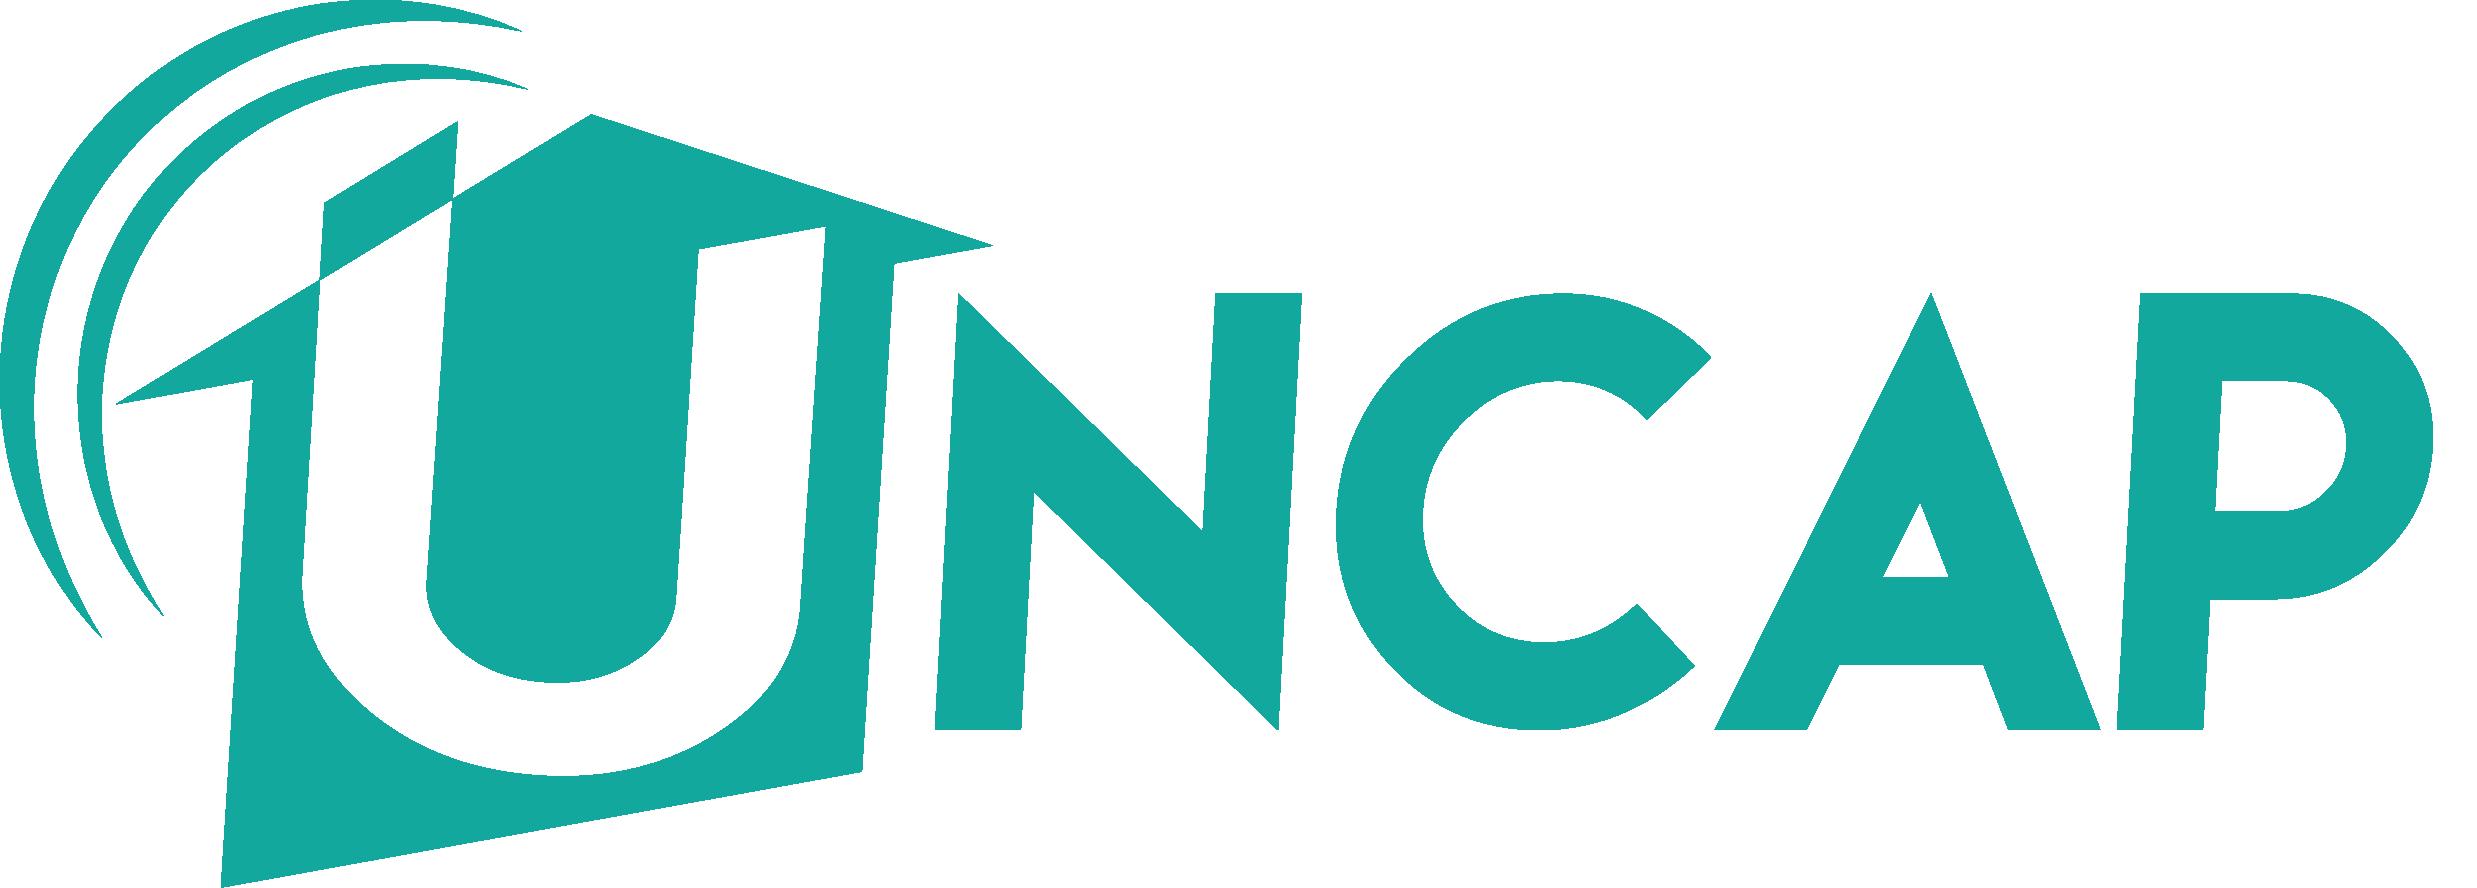 uncap_logo_HI.a92aaf21